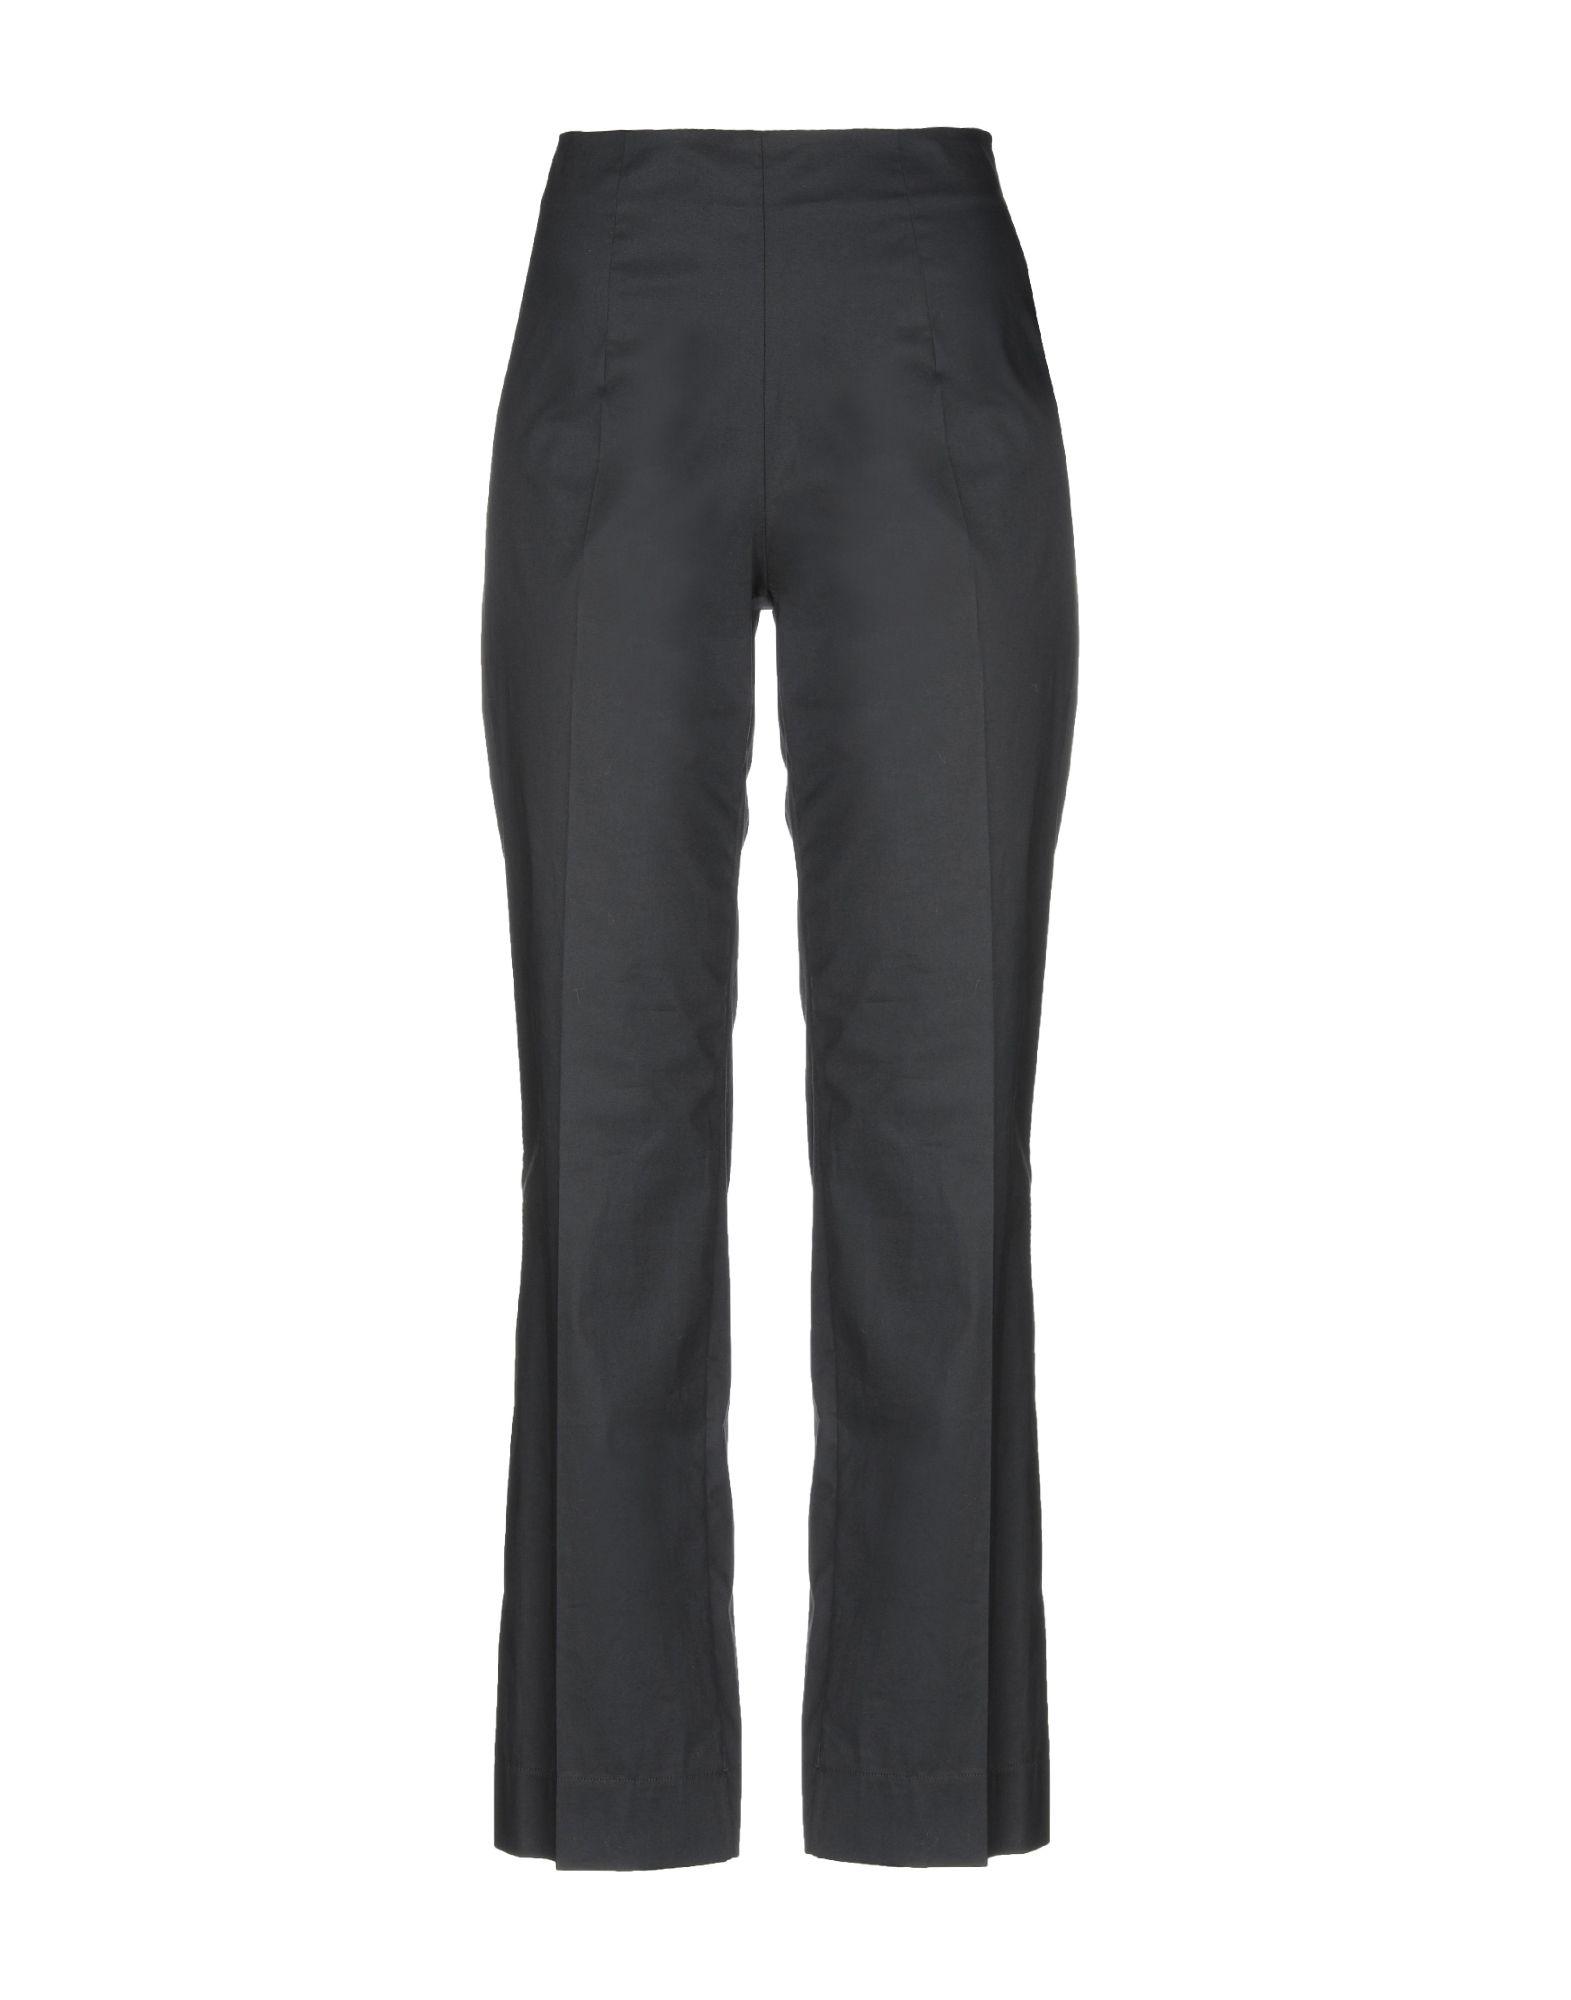 Pantalone Cristina Rocca donna - - 13245550GQ  heißer Verkauf online